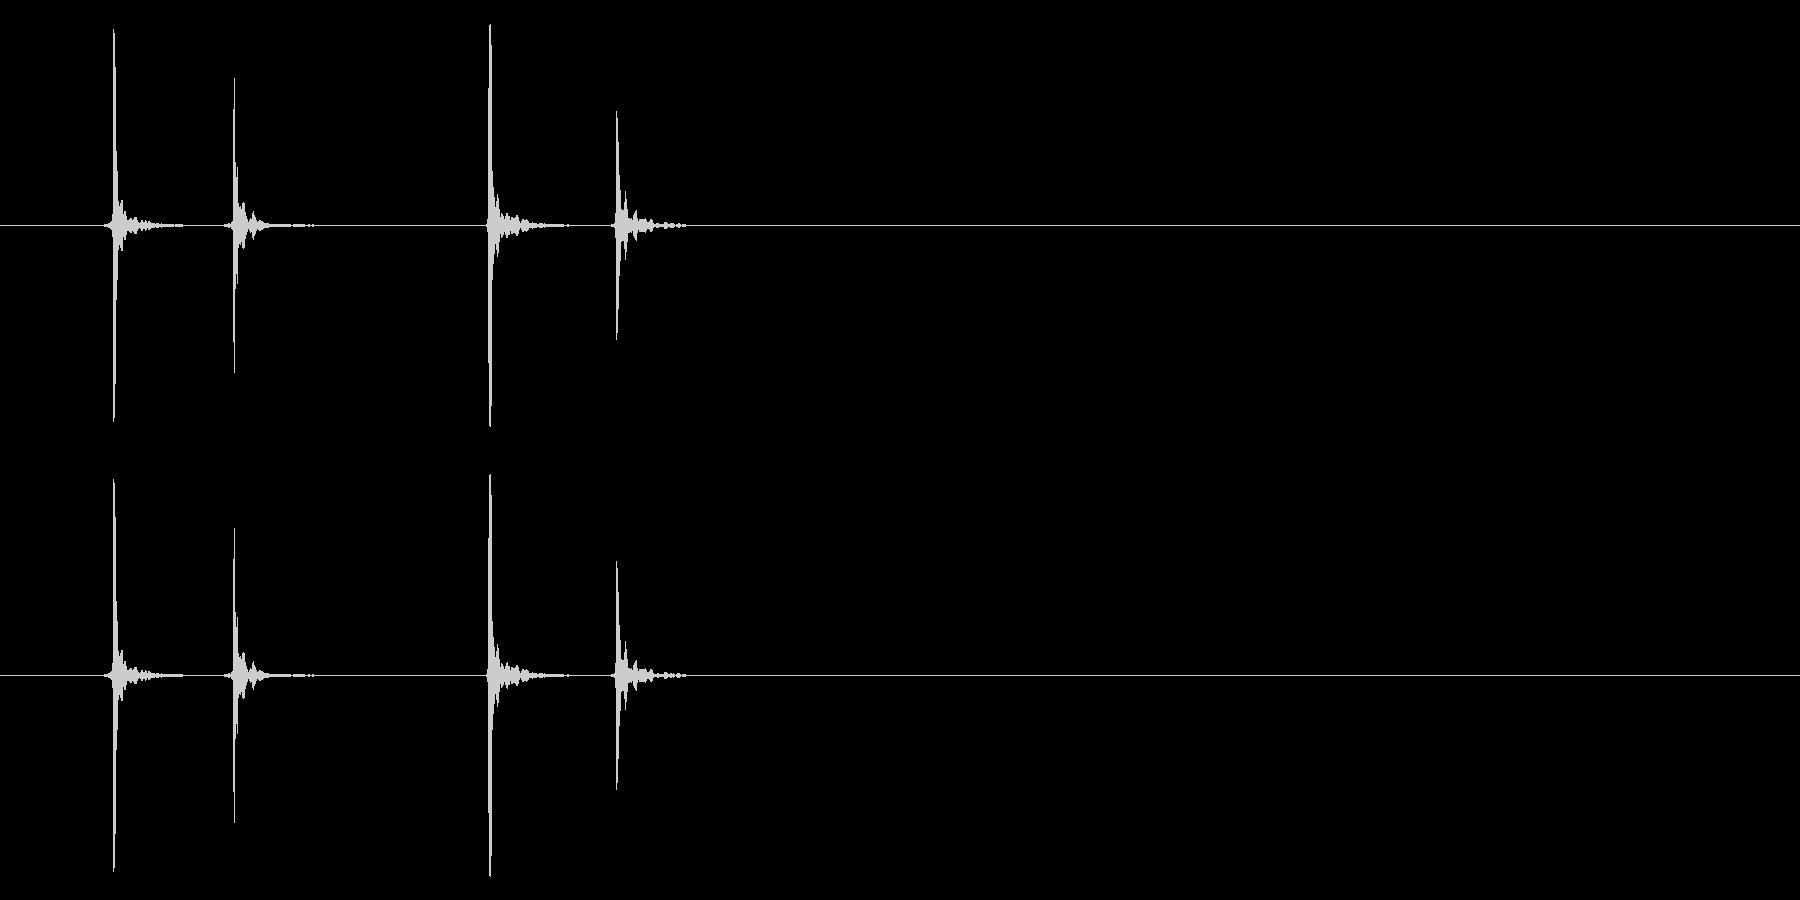 PC マウス02-04(左 ダブル)の未再生の波形